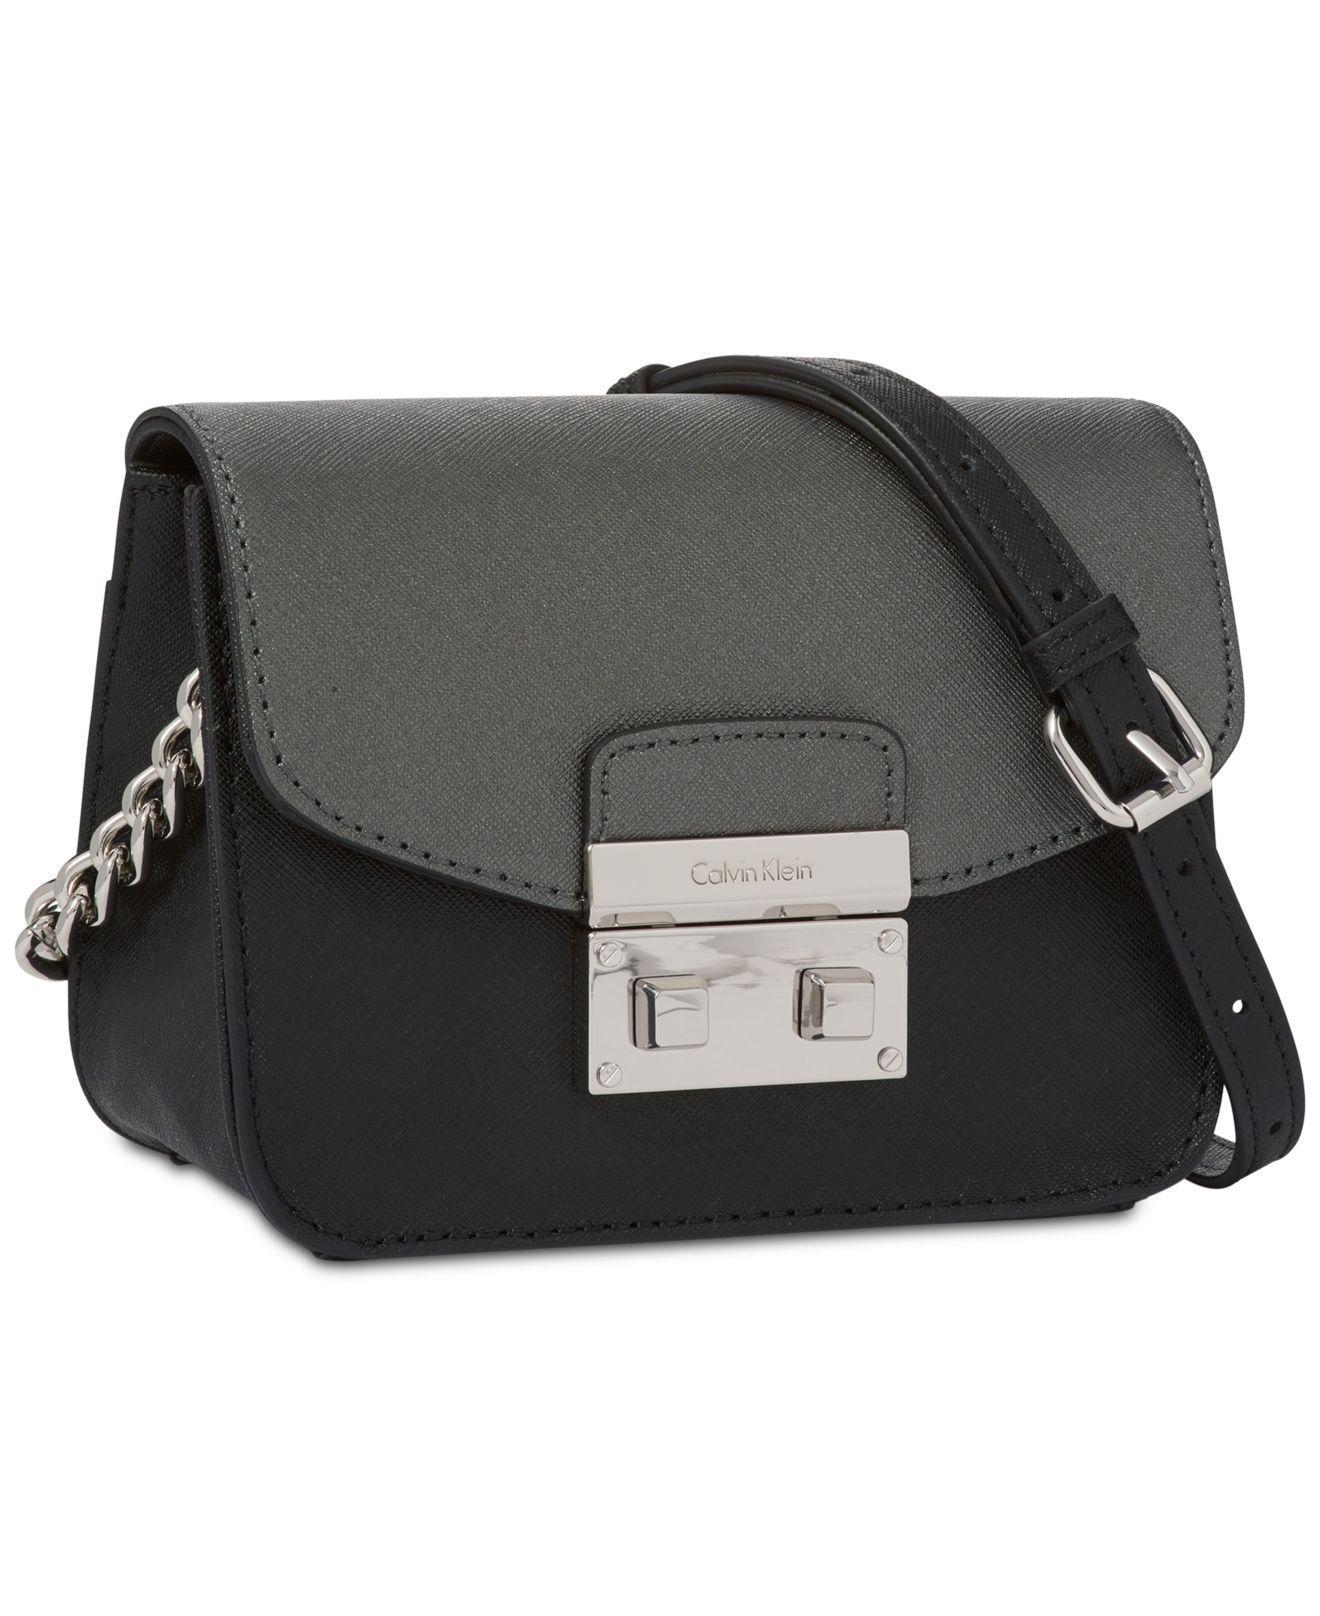 e550591be04 Calvin Klein Saffiano Push-lock Mini Crossbody in Black - Lyst